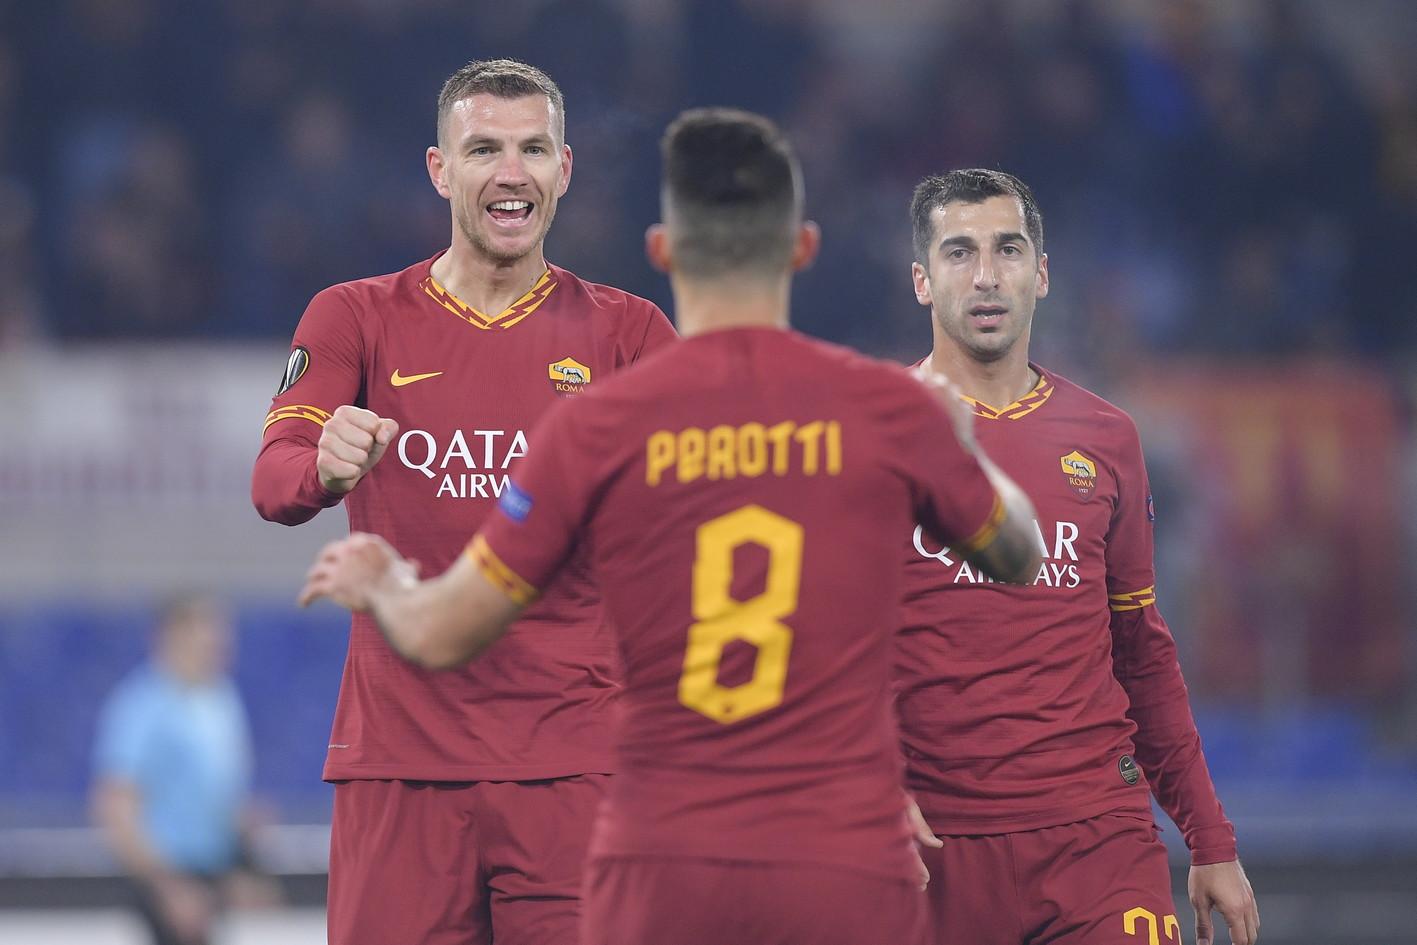 Nell'ultimo match della fase a gironi d'Europa League, la Roma pareggia 2-2 col Wolfsberge si qualifica per i sedicesimi. All'Olimpico, la squadra di Fonseca sblocca il risultato al 7' con un rigore di Perotti ma viene ripresa dalla sfortunata autorete di Florenzi al 10'. Dzeko riporta avanti i giallorossi al 19', poi al 63' Weissmanpareggiadi testa. La Roma chiude seconda nel Gruppo J alle spalle del Basaksehir.